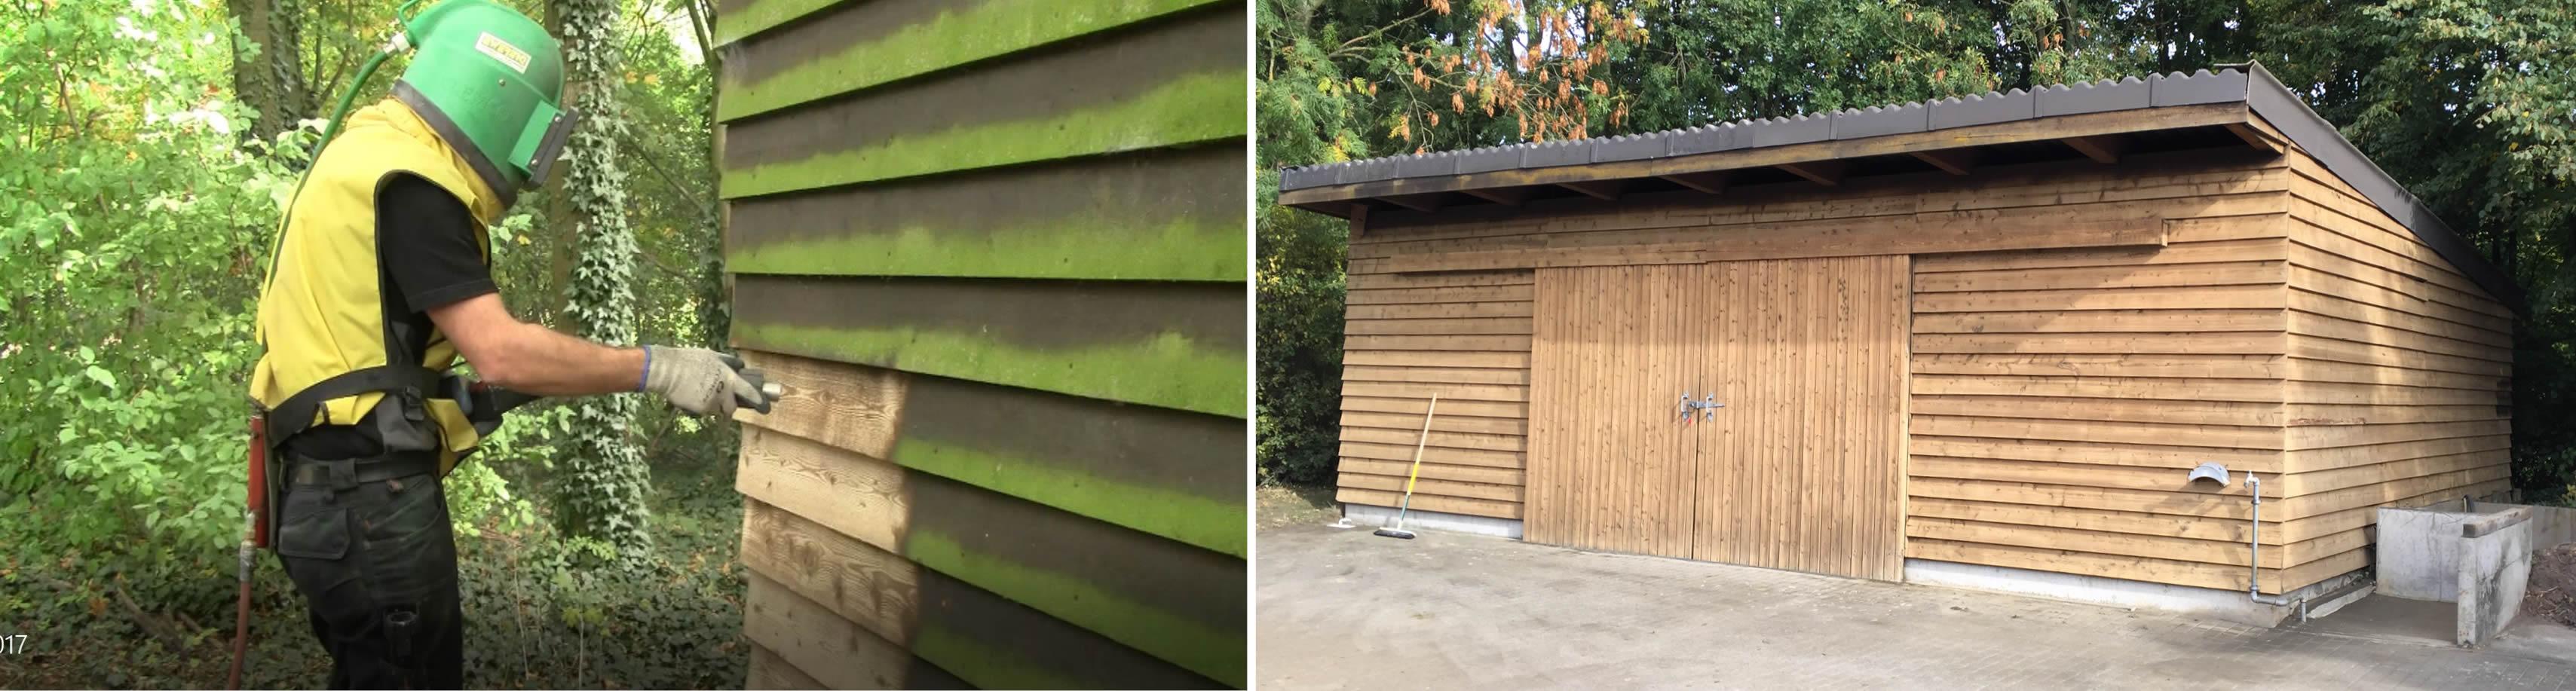 Entfernung von Verwitterung & Altbeschichtung Holzhütte